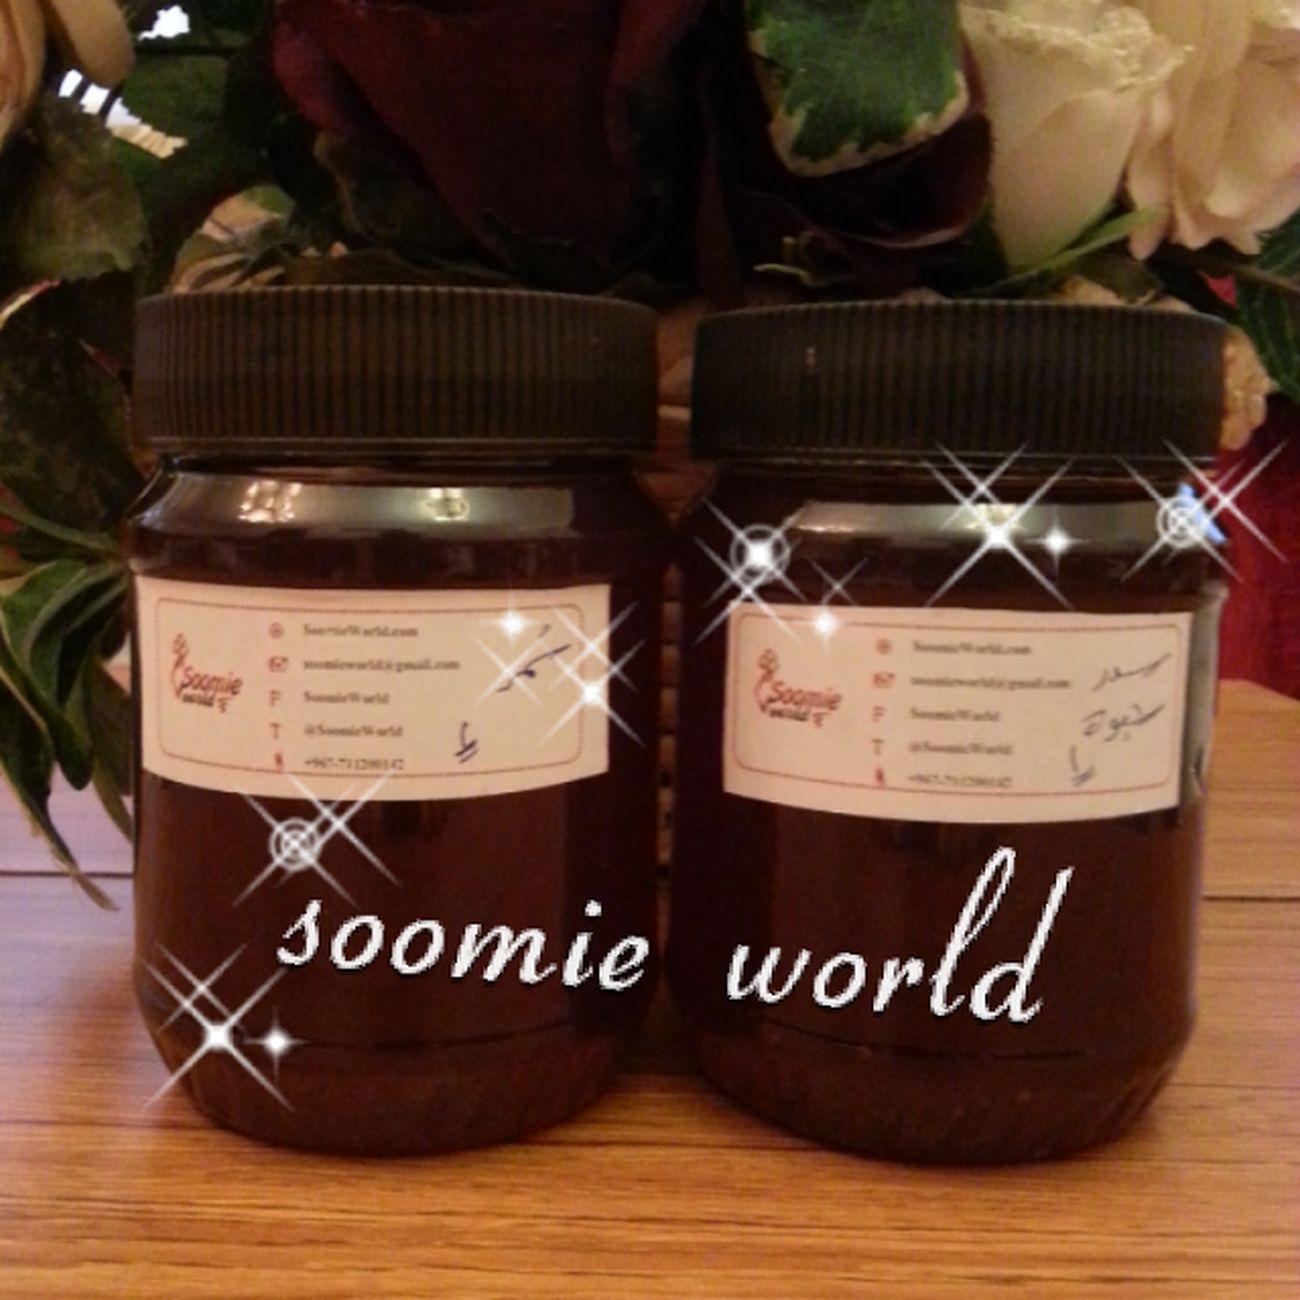 لجميع أنواع العسل اليمني.... وبجوده عالية العسل اليمني